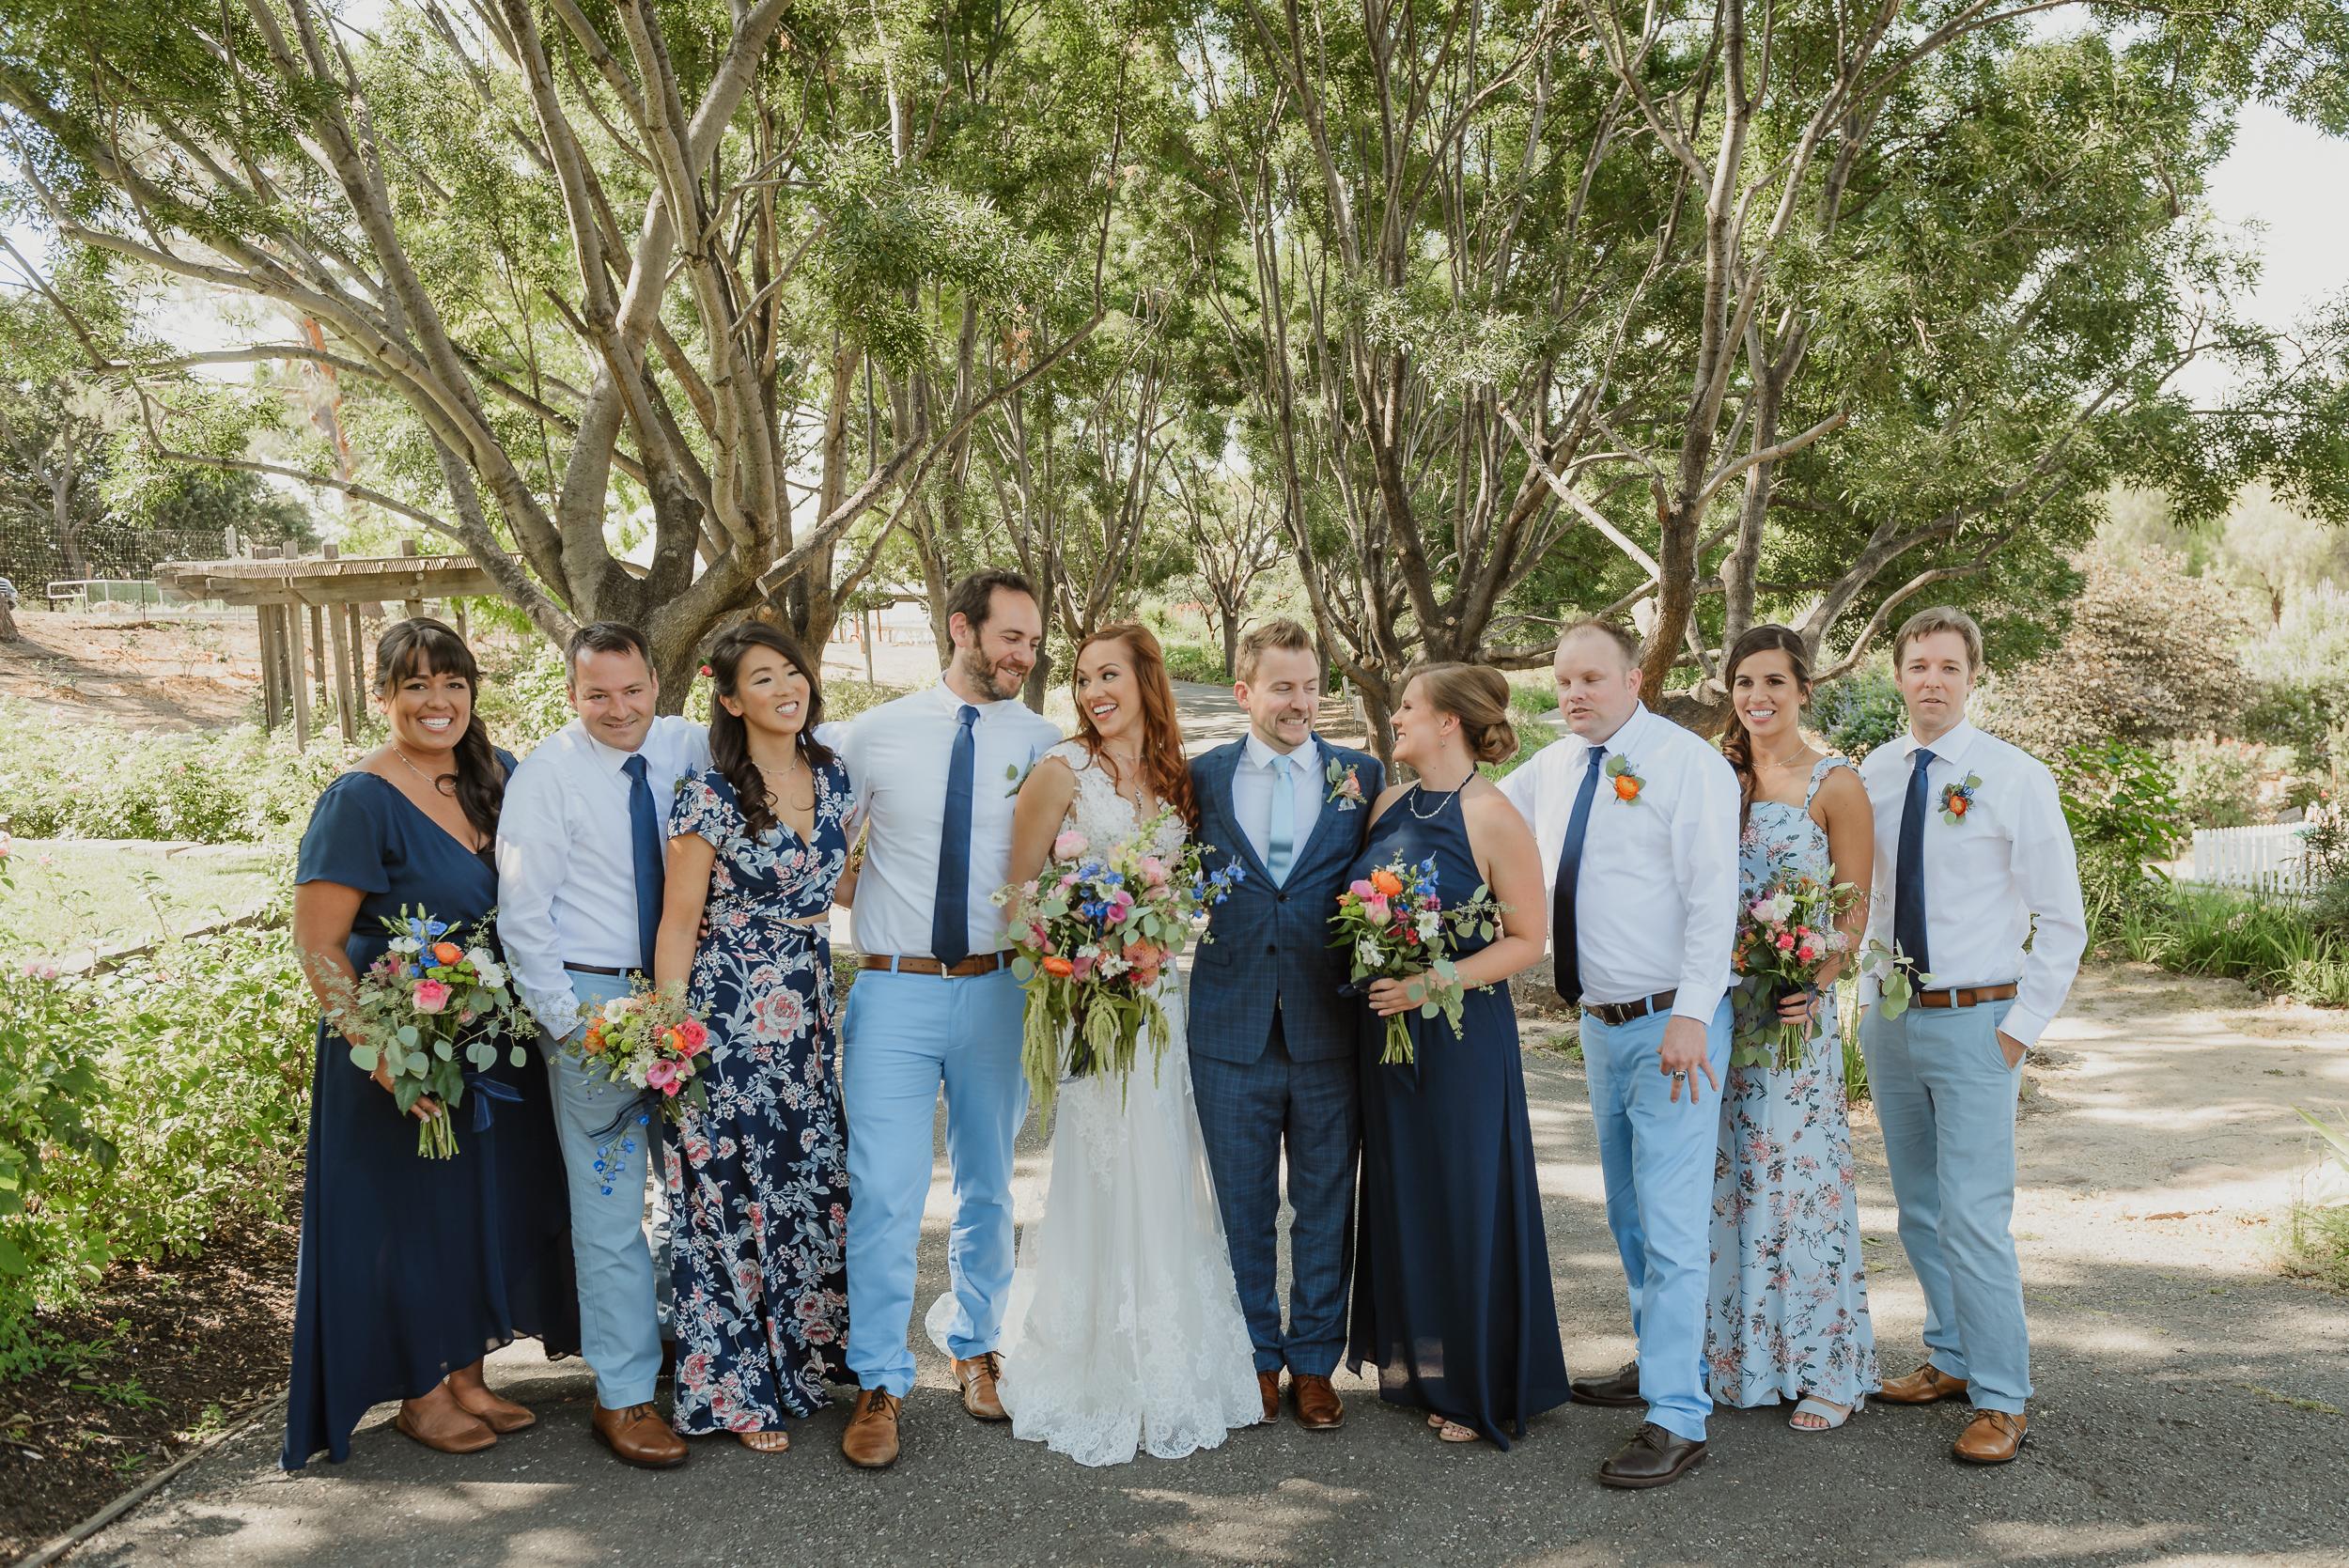 20-walnut-creek-gardens-heather-farms-wedding-vivianchen-350.jpg